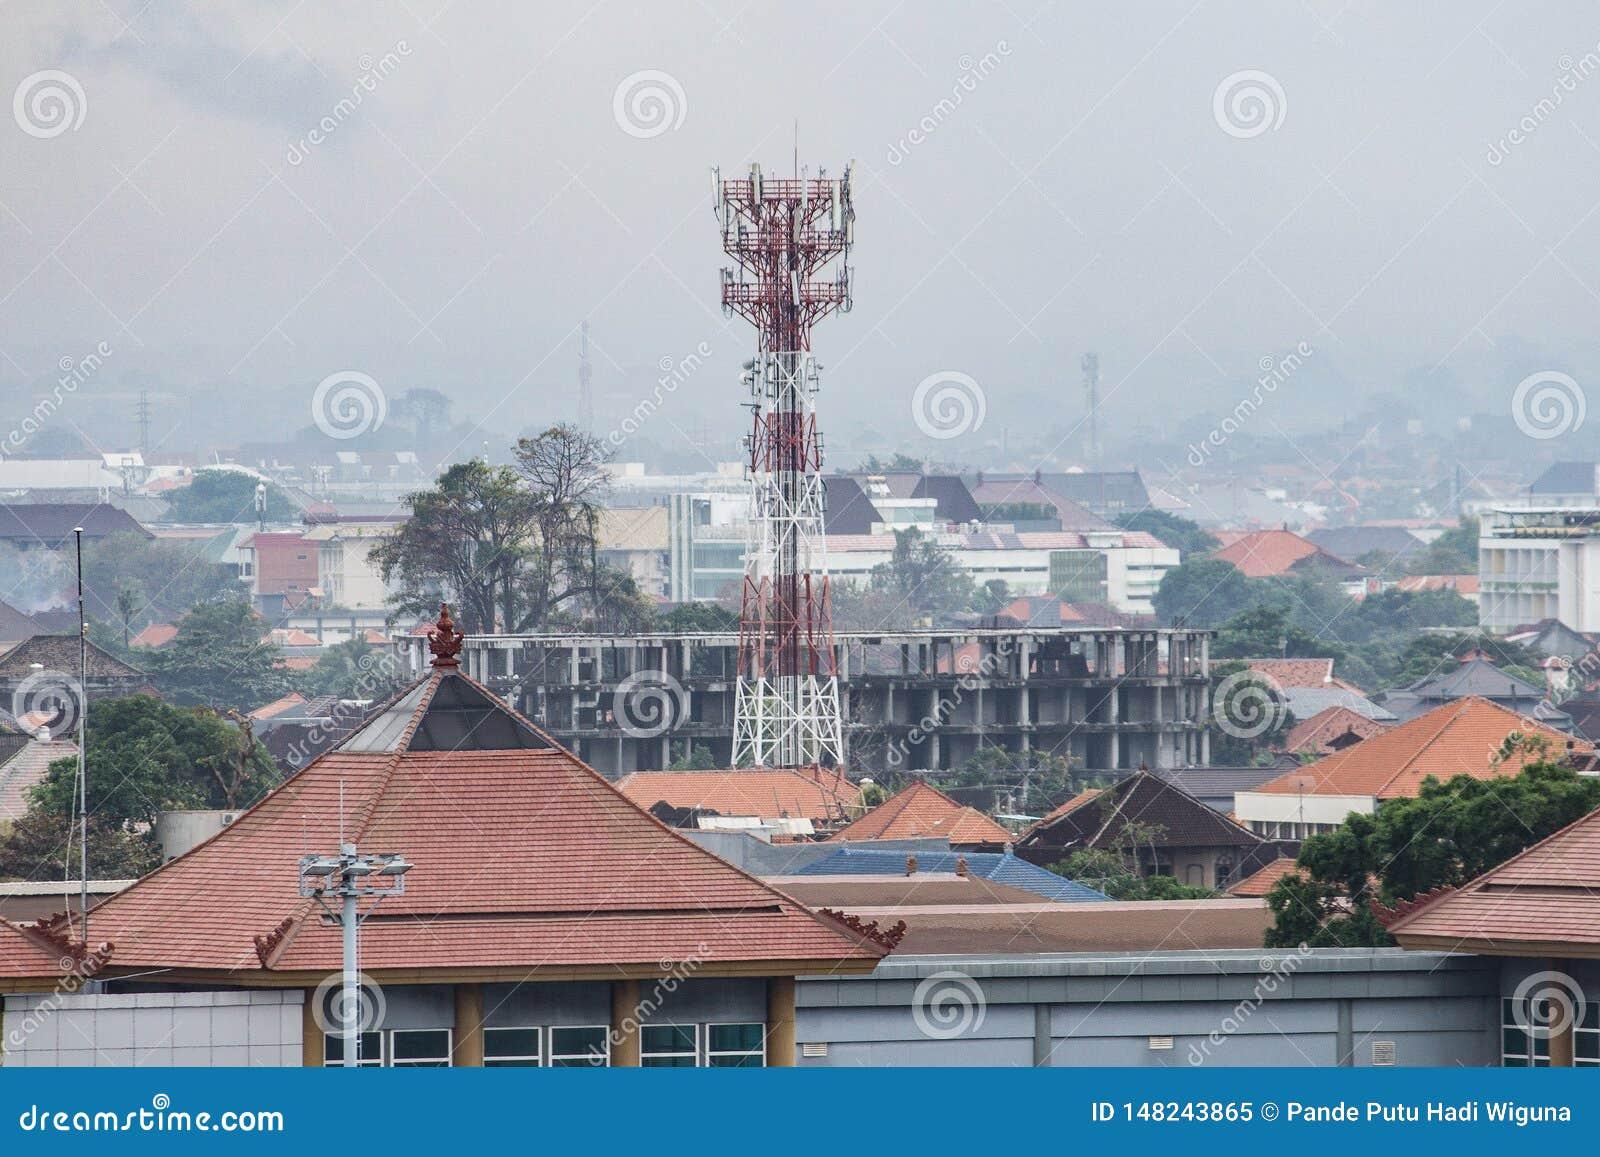 BADUNG, BALI/INDONESIA : Une tour de télécommunication située dans Bali, regarde plus haut que les bâtiments environnants